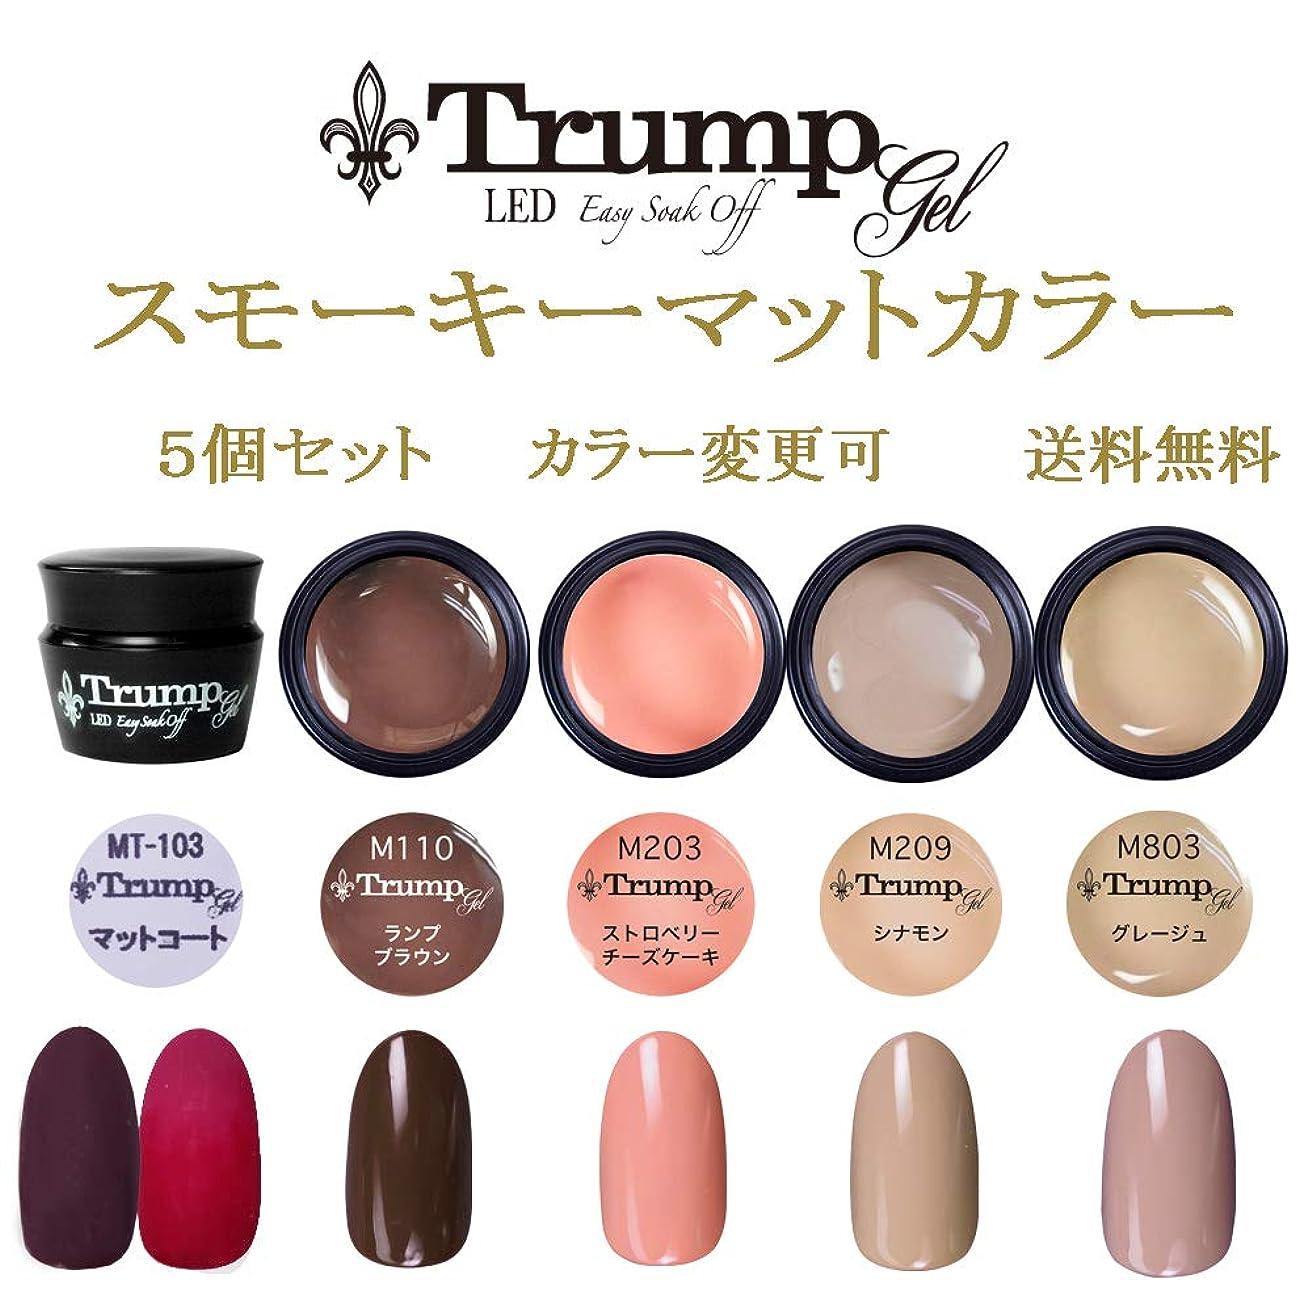 デモンストレーション浪費観客【送料無料】日本製 Trump gel トランプジェル スモーキーマット カラージェル 5個セット 魅惑のフロストマットトップとマットに合う人気カラーをチョイス